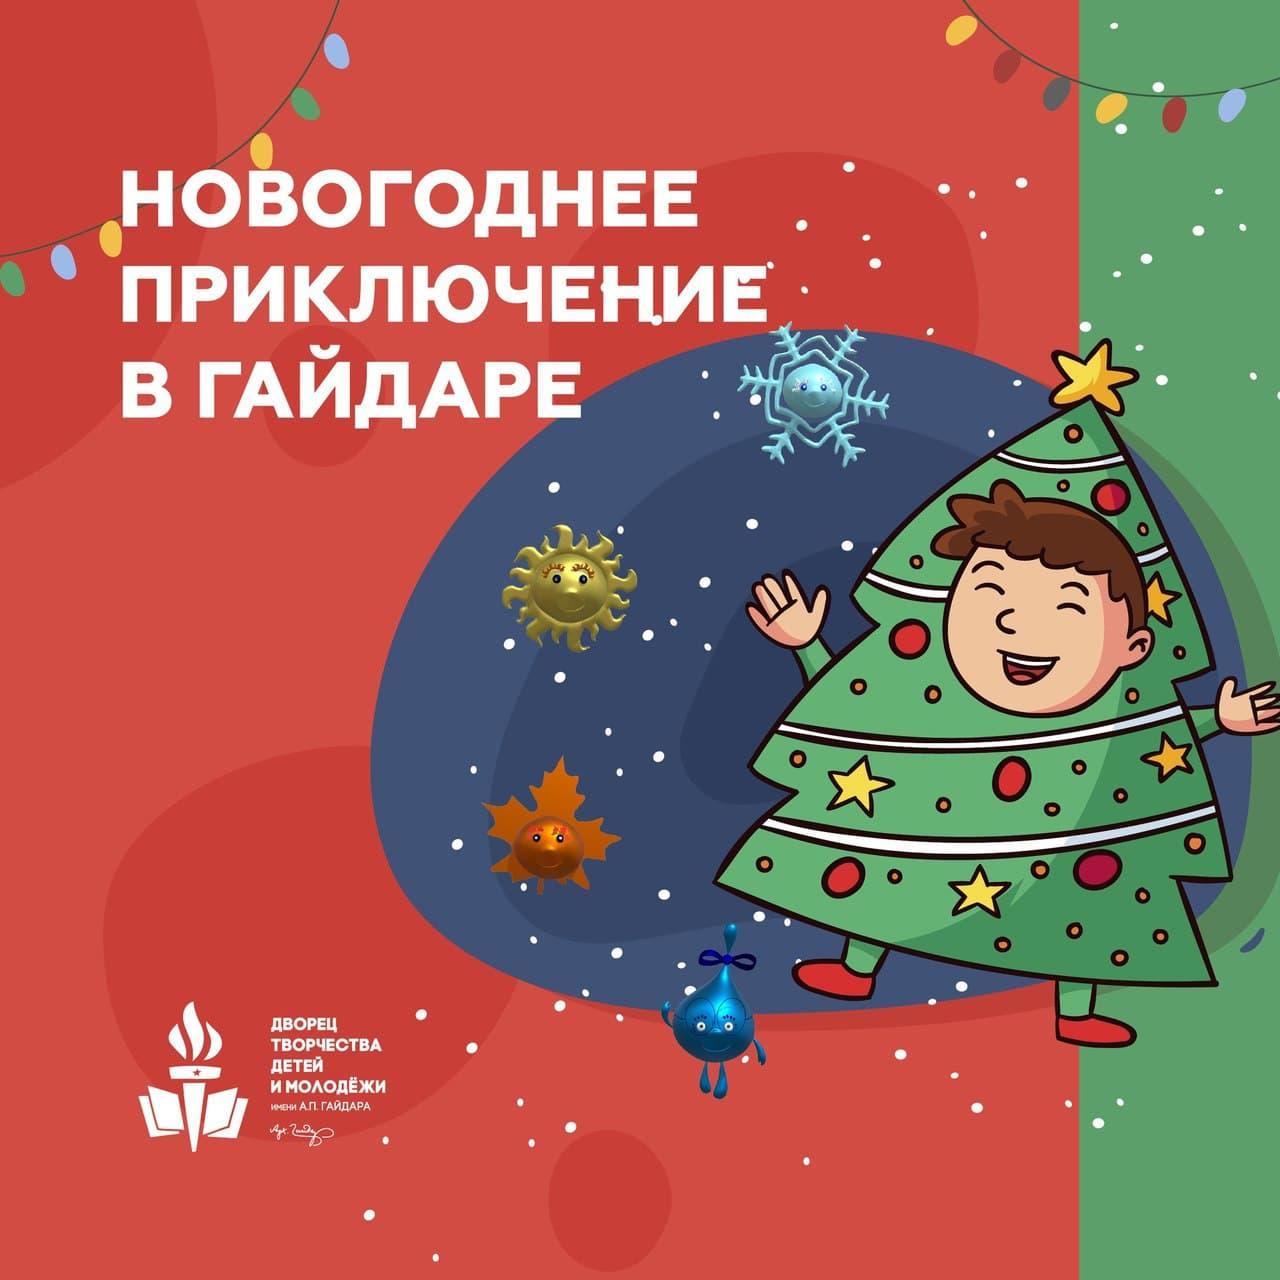 Дворец творчества им.Гайдара подготовил новогоднее шоу для воспитанников. Фото Дворца творчества